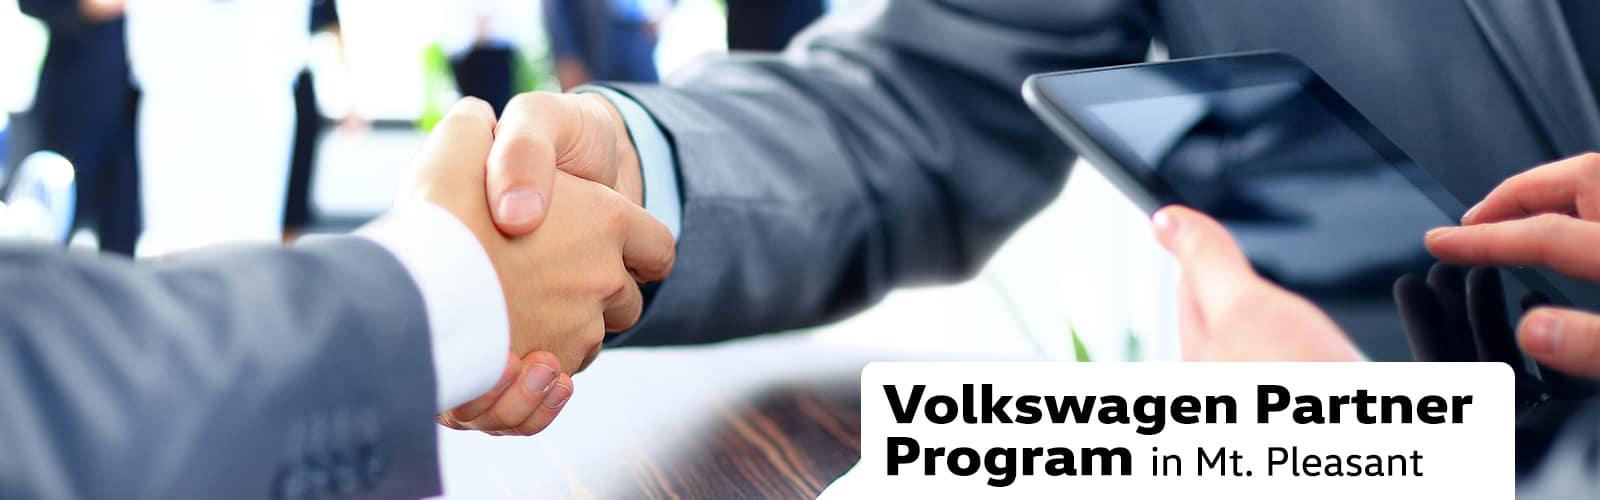 Volkswagen Partner Program in Mt. Pleasant